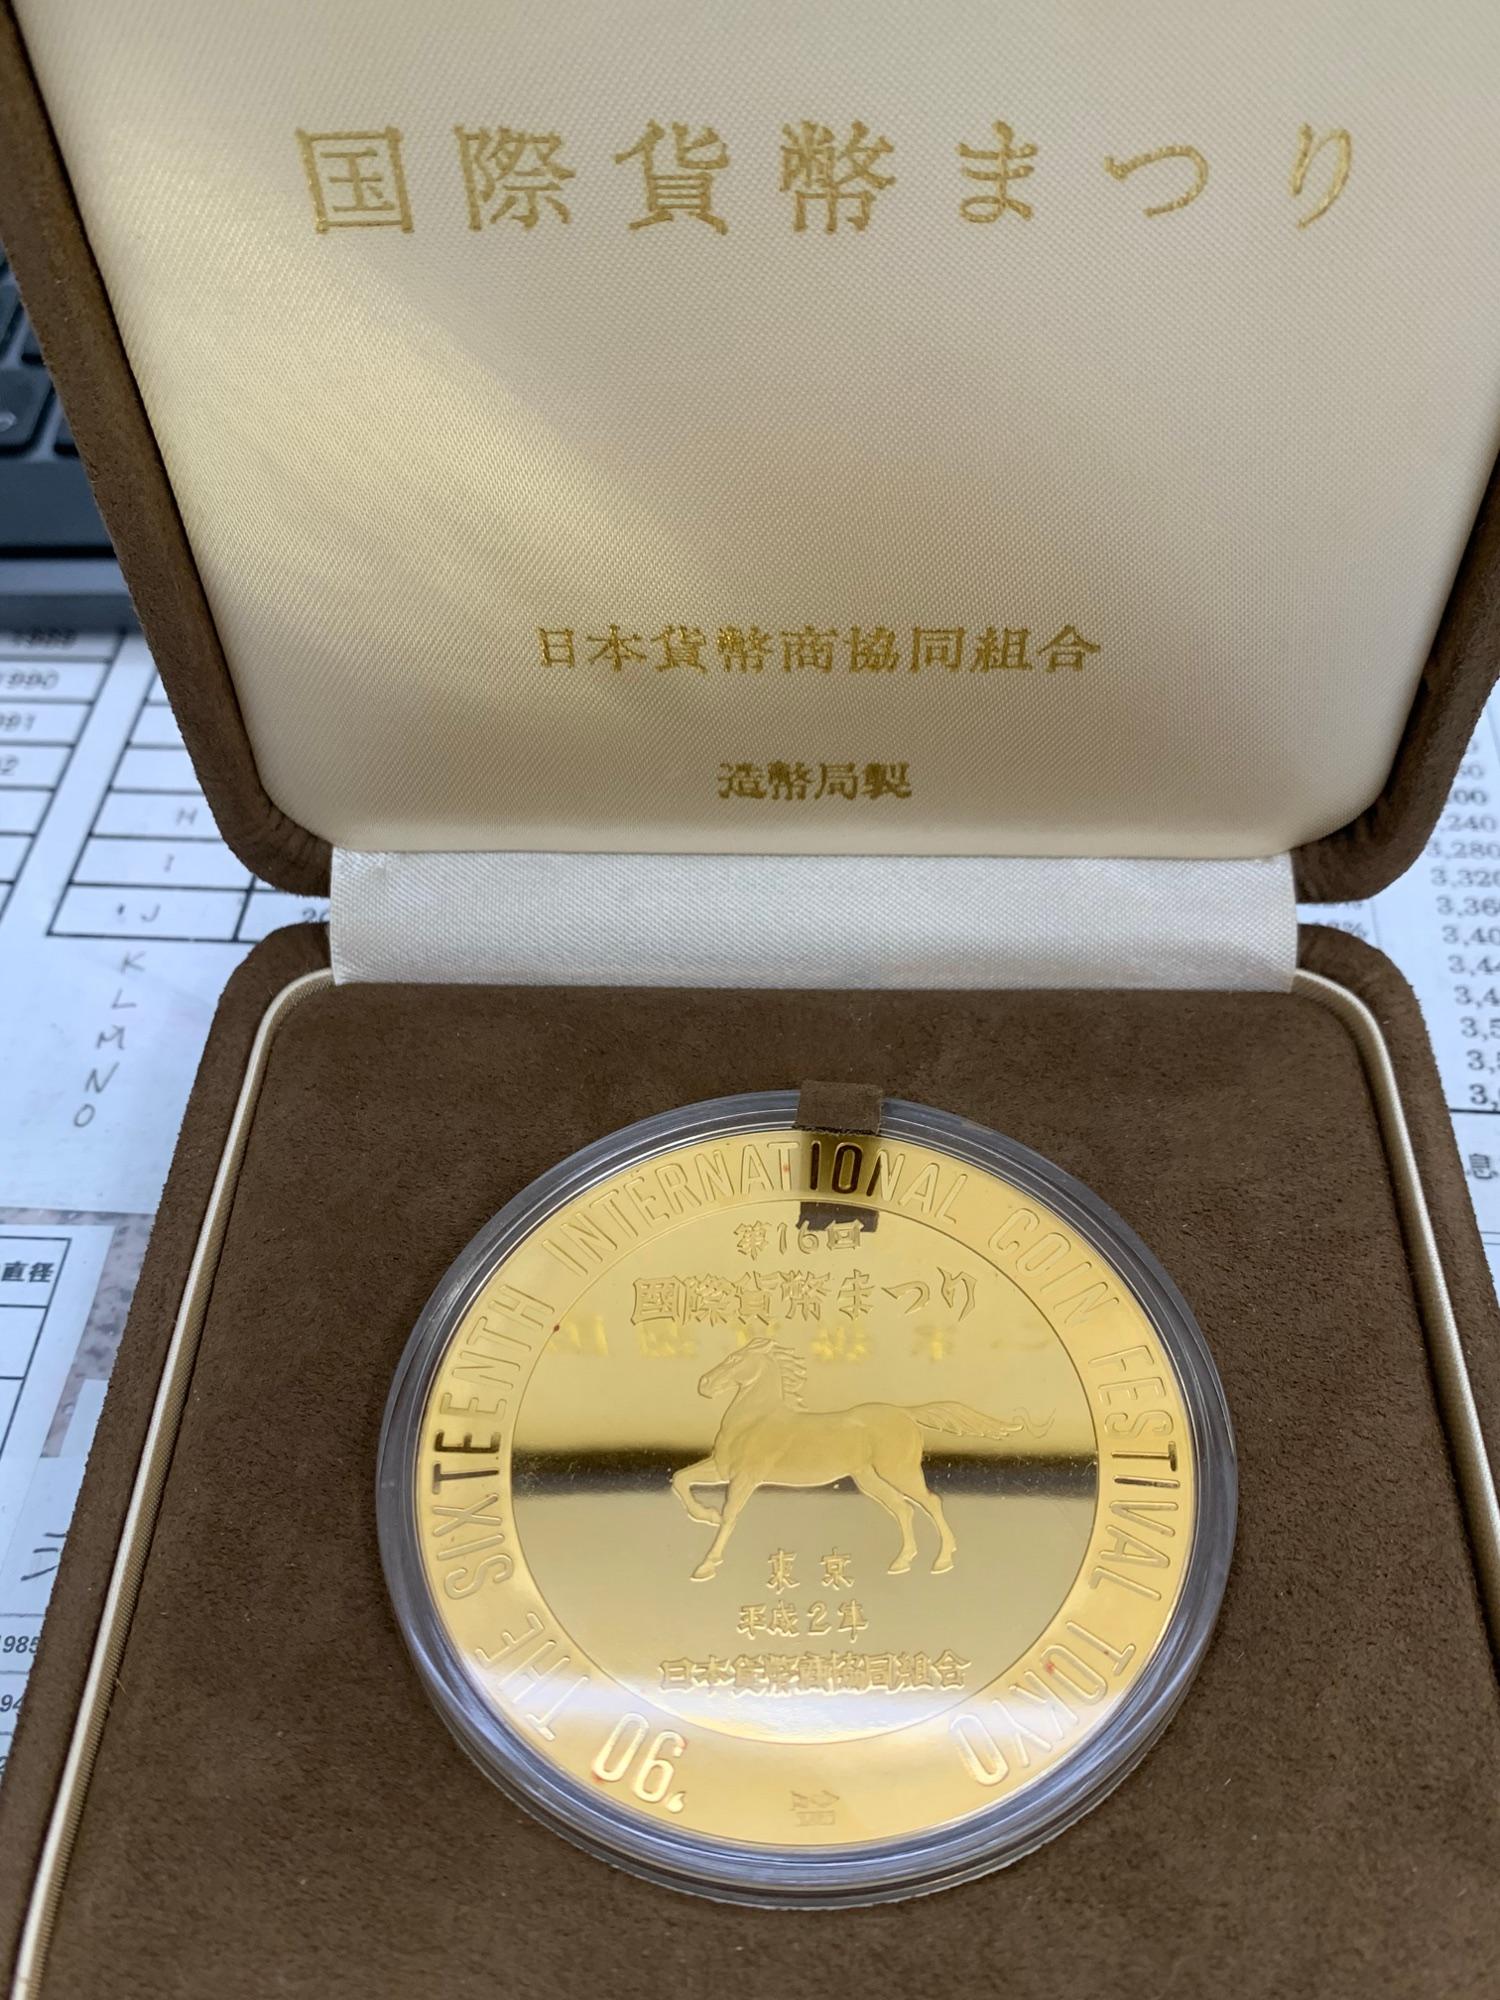 第16回国際貨幣まつりと刻印されています。